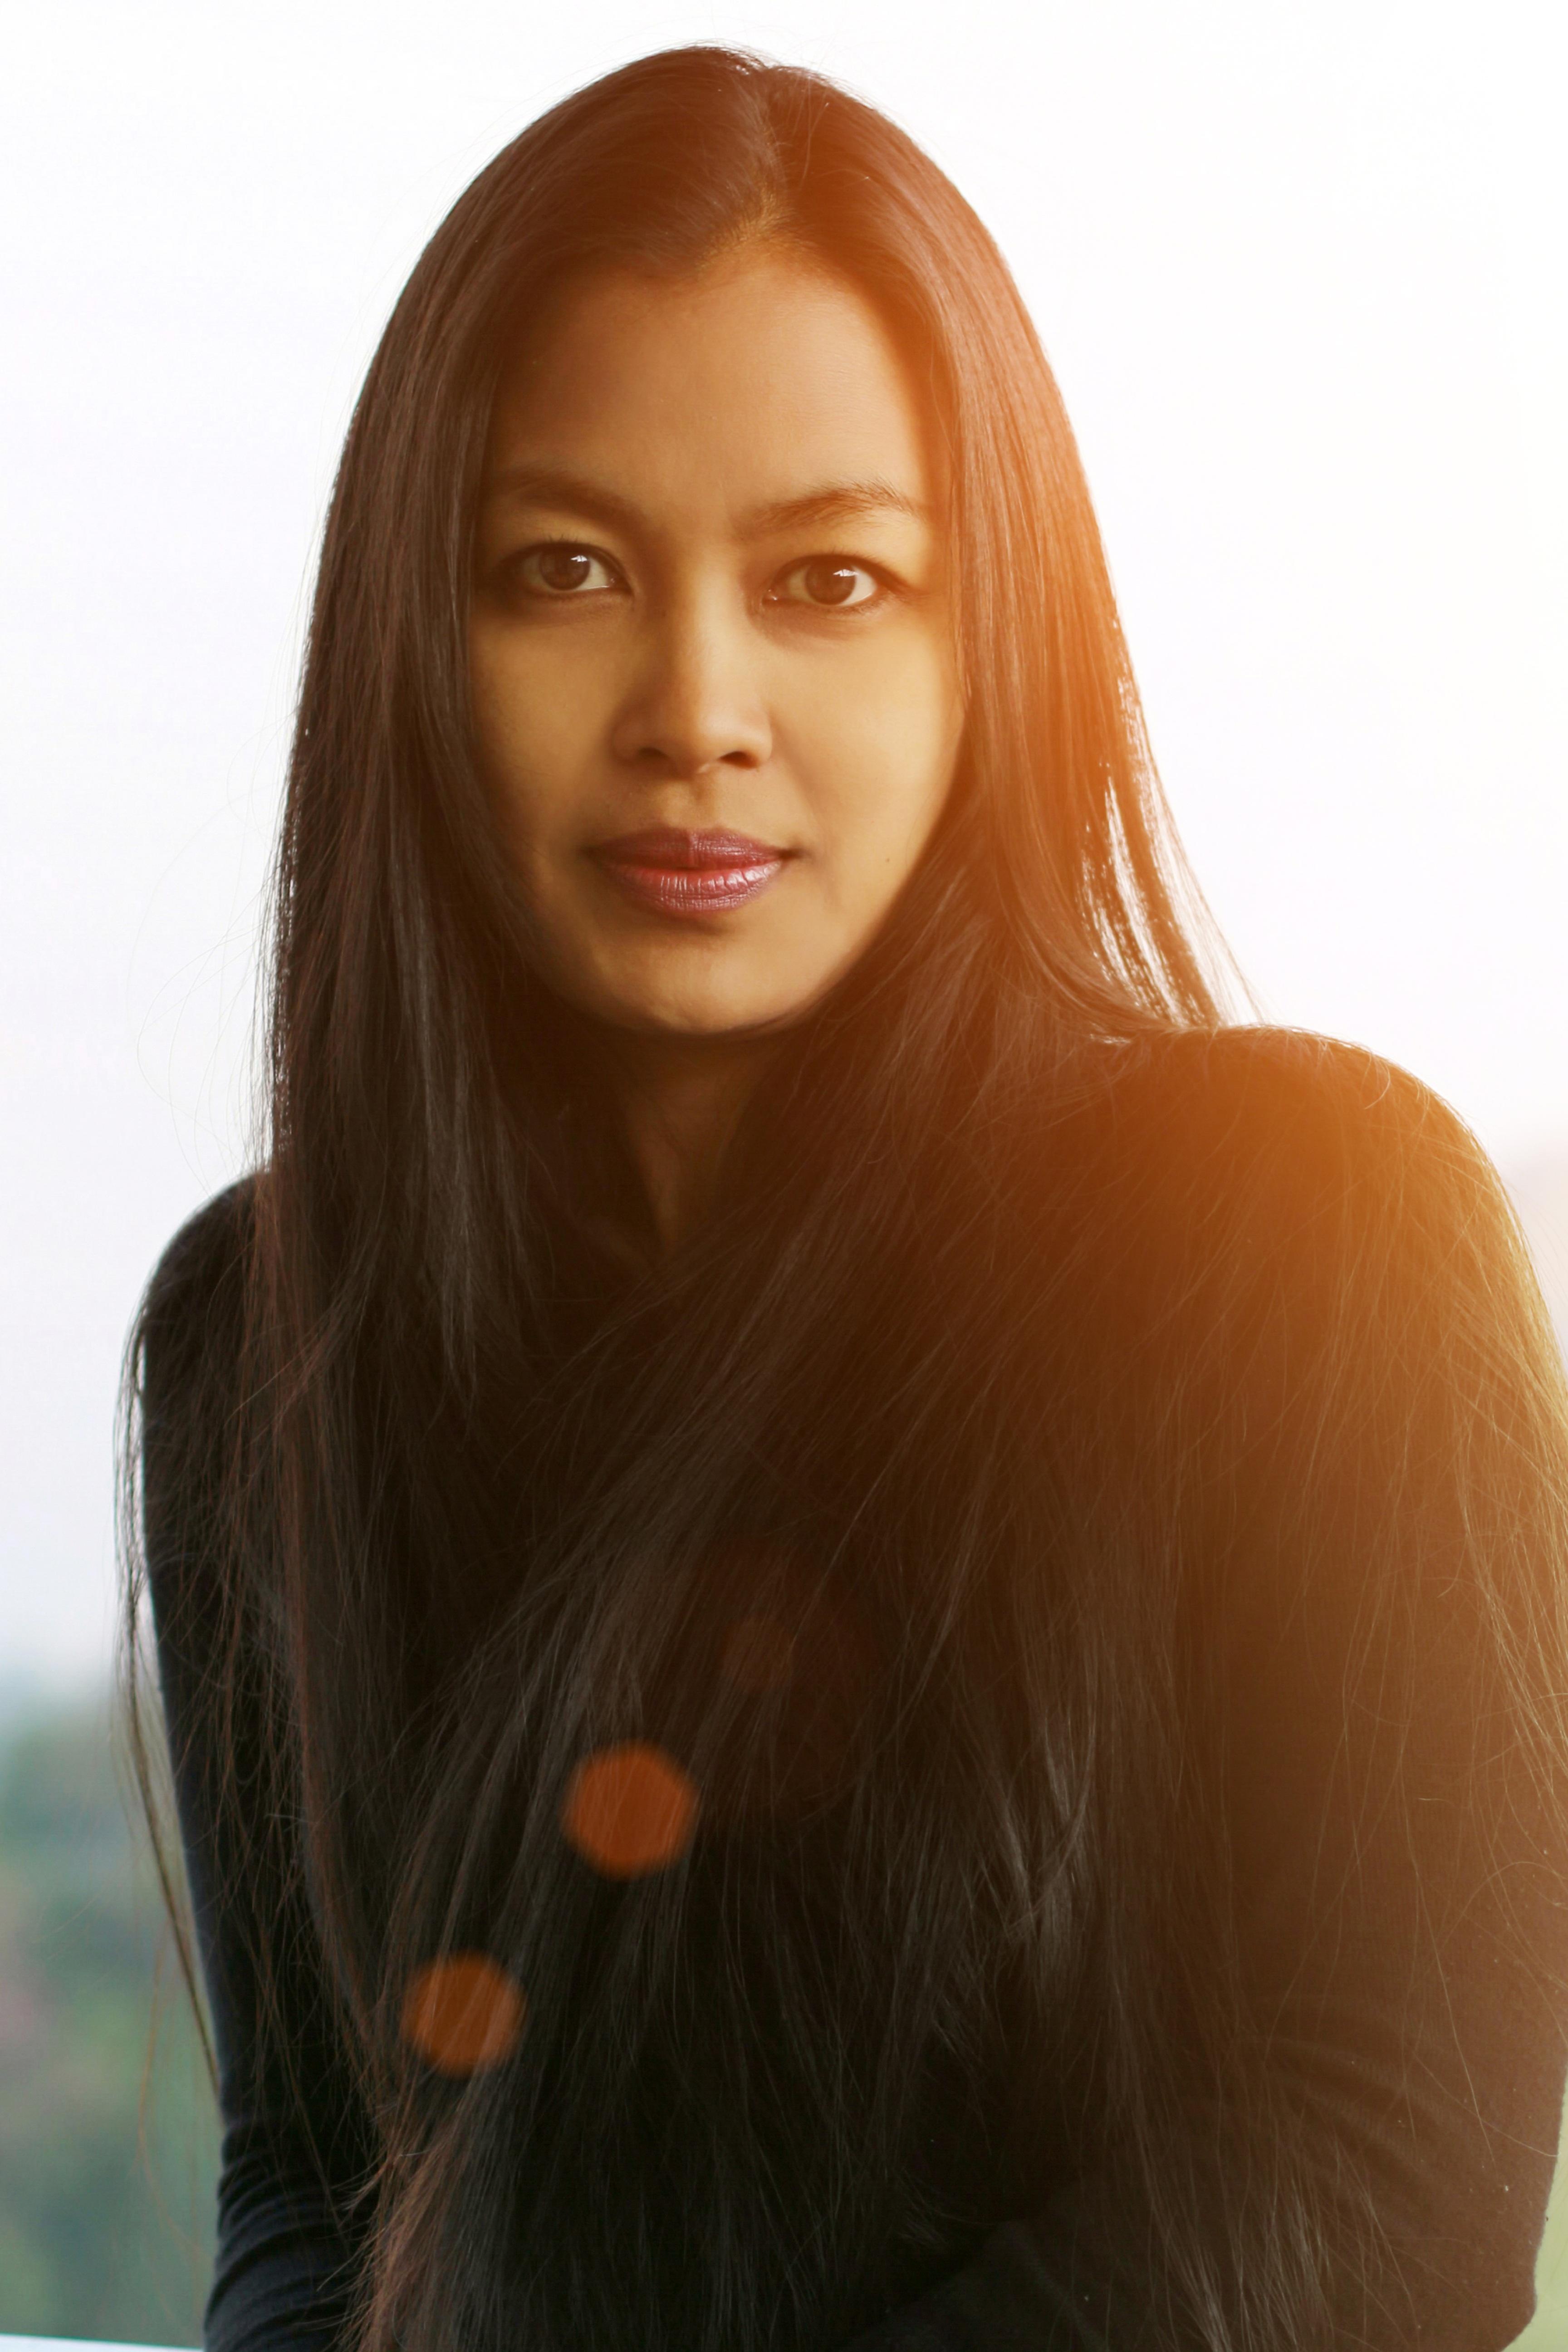 Kostenlose foto Mädchen Modell Lippe Frisur lange Haare